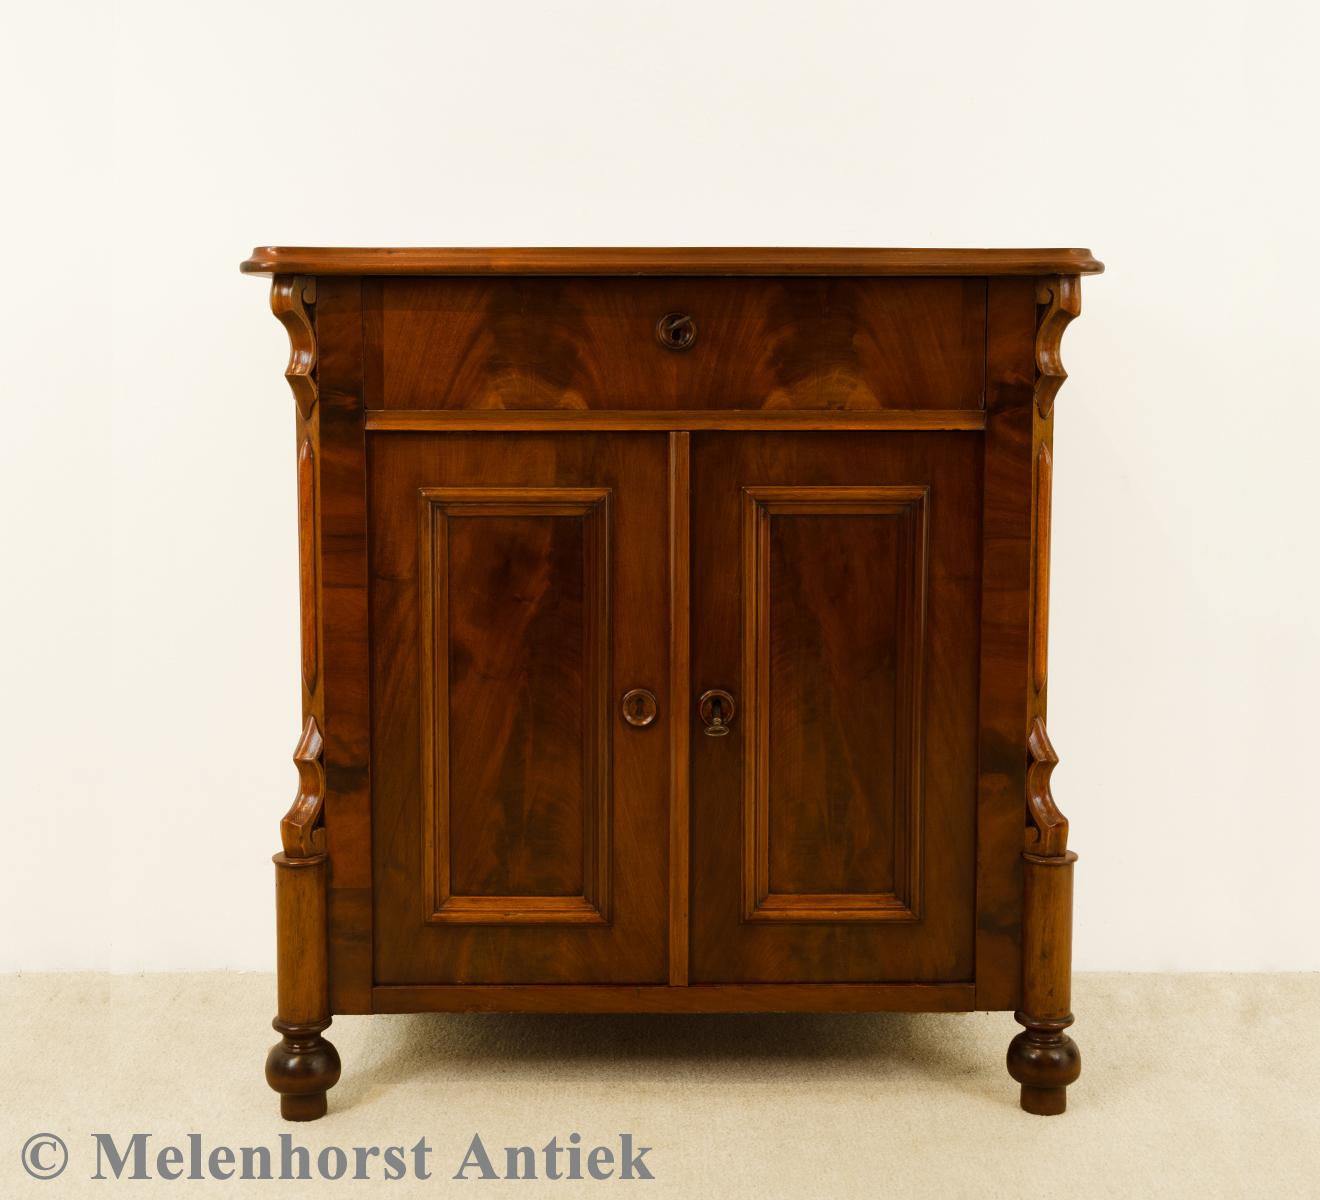 antike ladenschrank antike uhren melenhorst. Black Bedroom Furniture Sets. Home Design Ideas